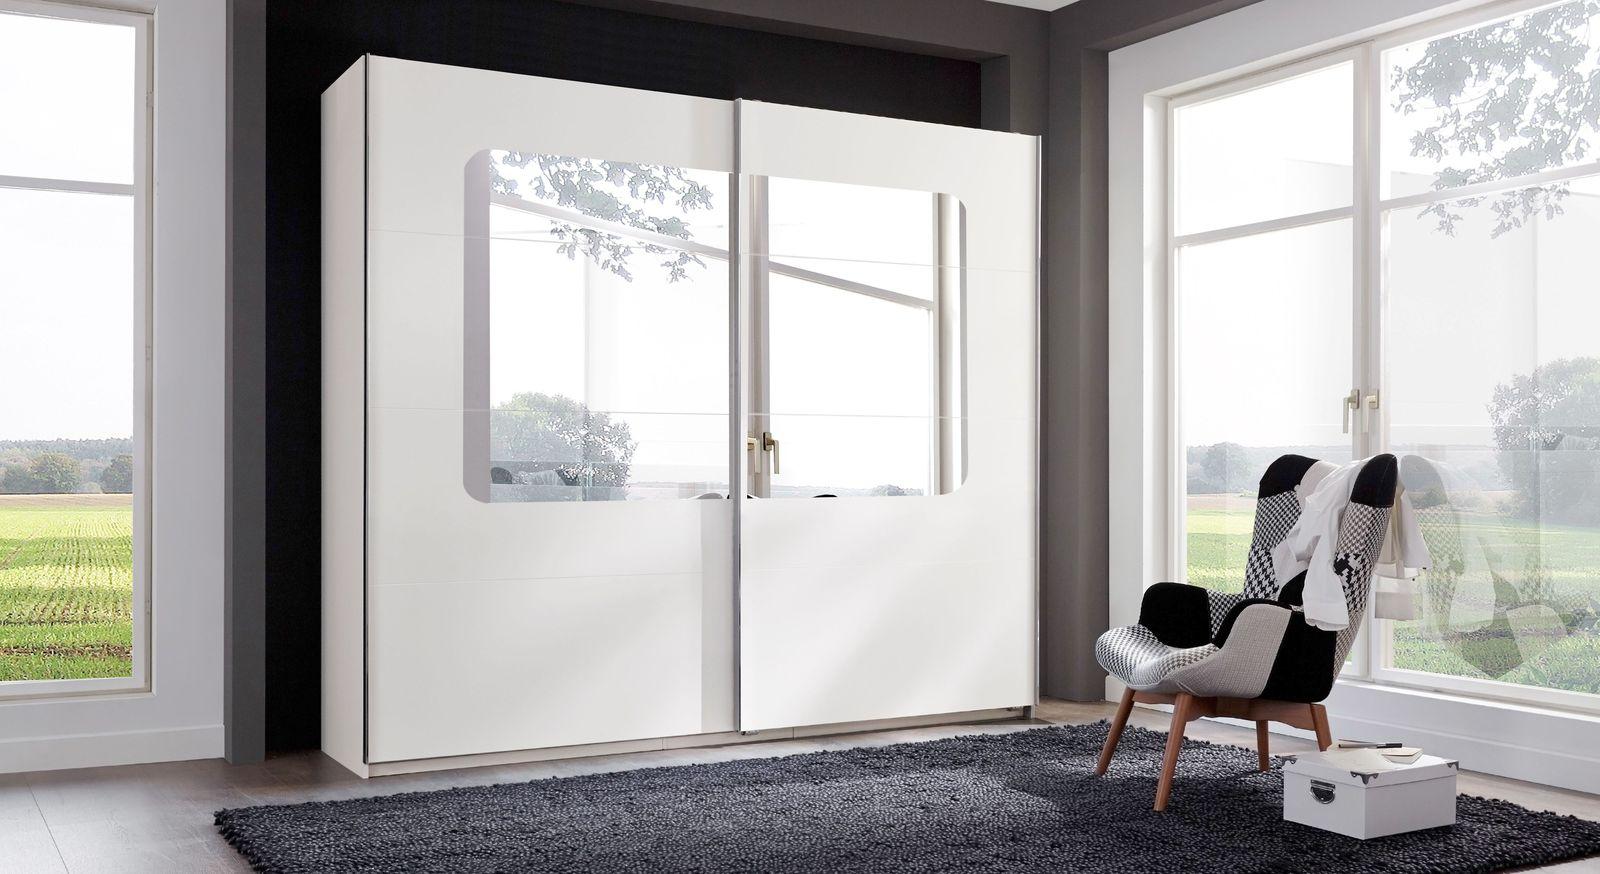 Schwebetüren-Kleiderschrank in Weiß mit großem Spiegel - Corvara